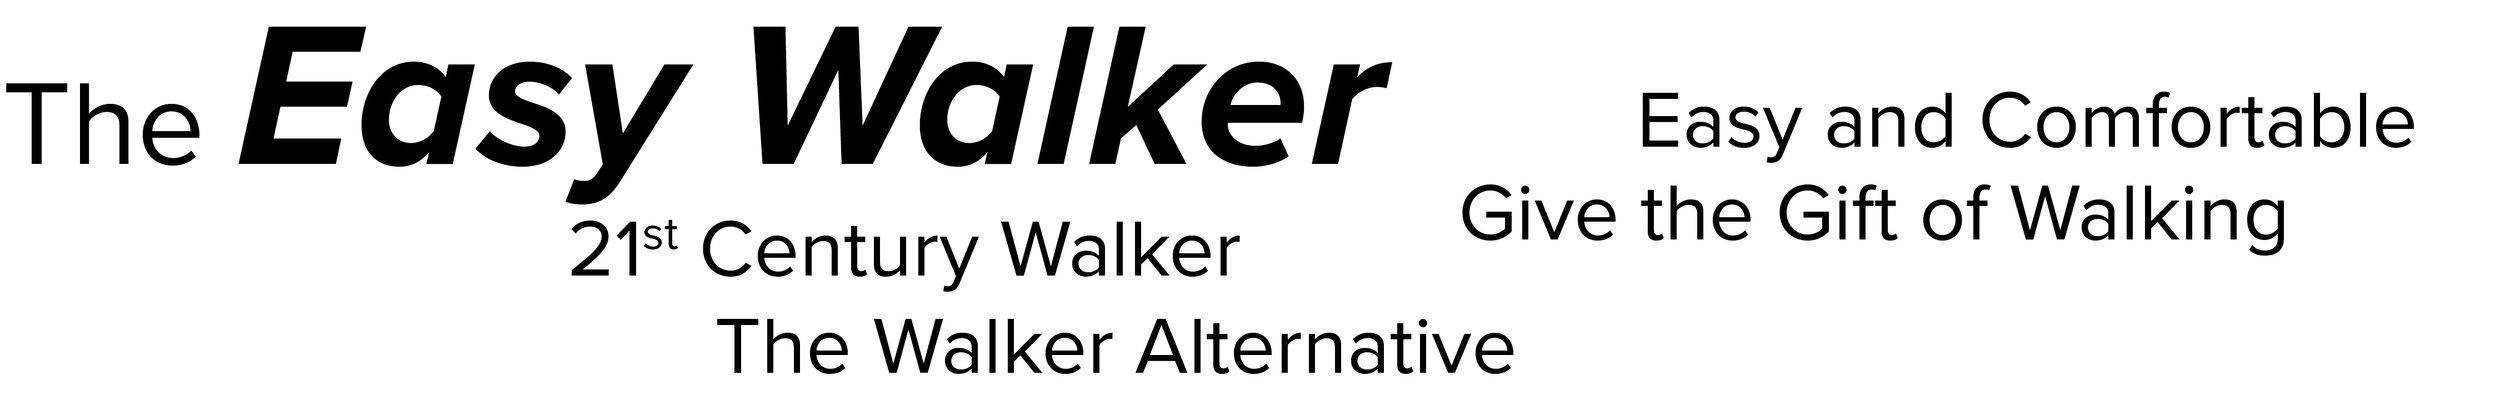 easy_walker_page_header.jpg